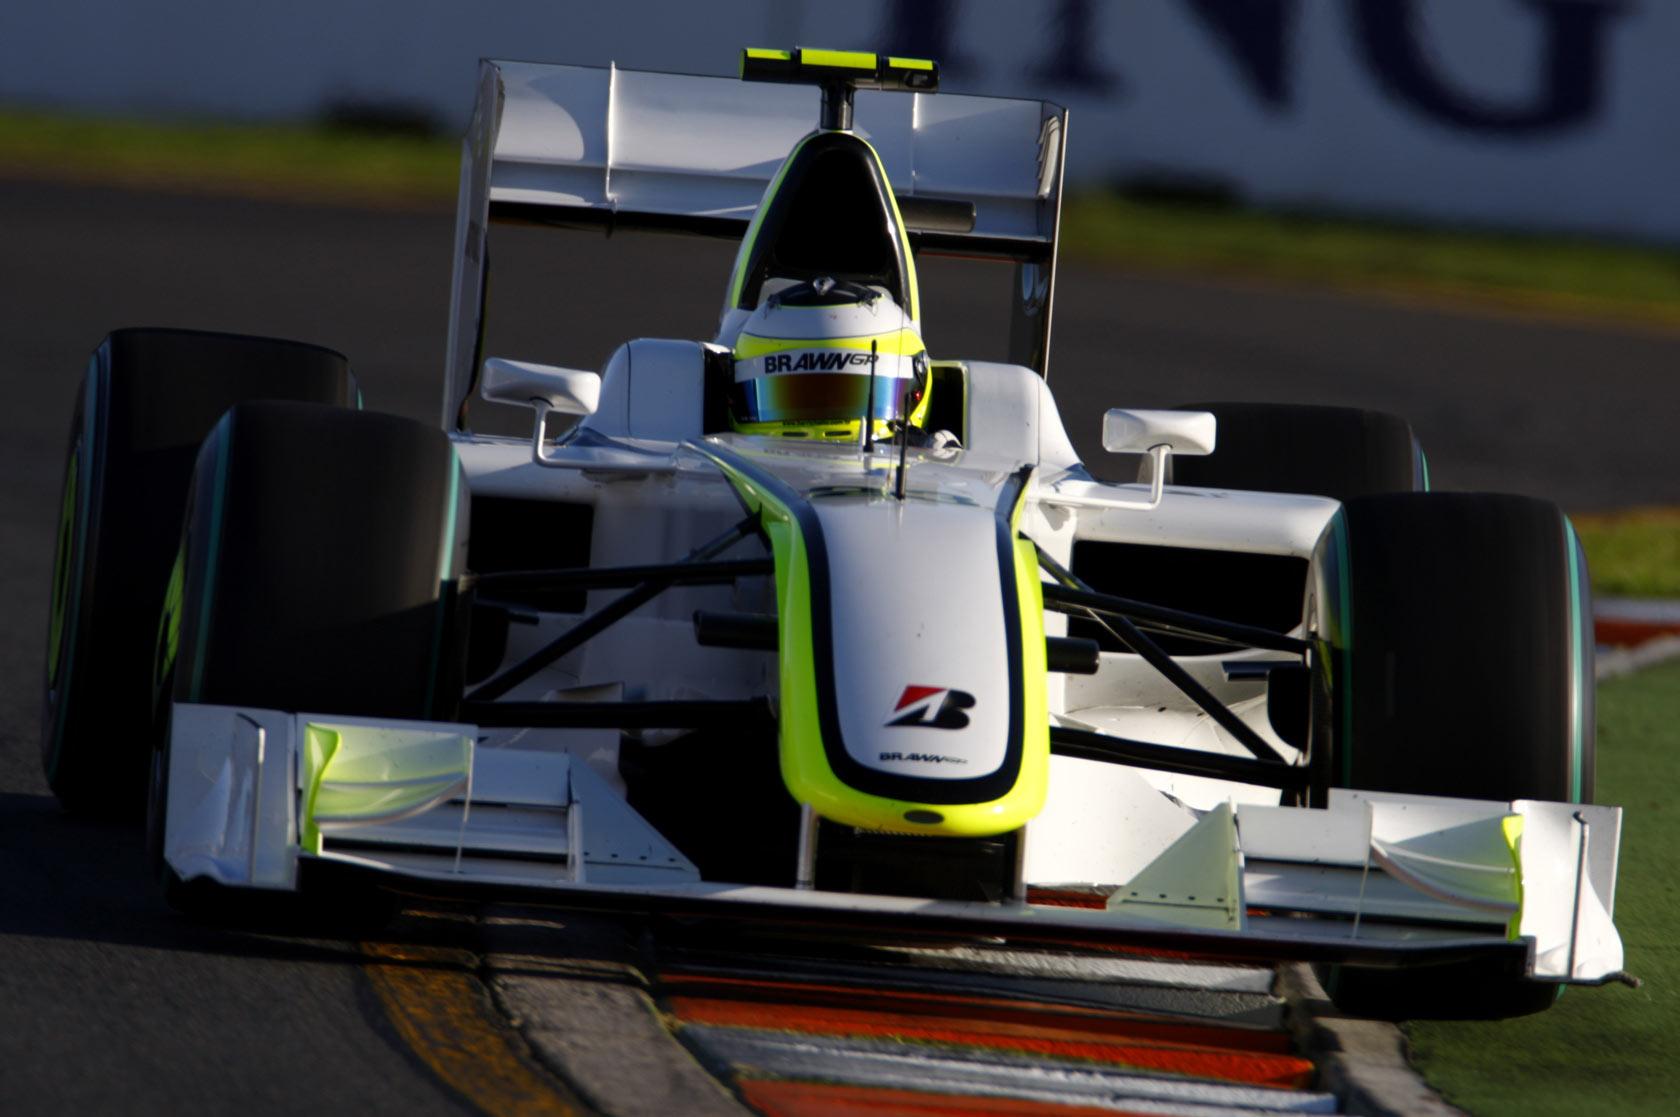 jenson-button-brawn-bgp001-australia-gp-melbourne-f1-2009